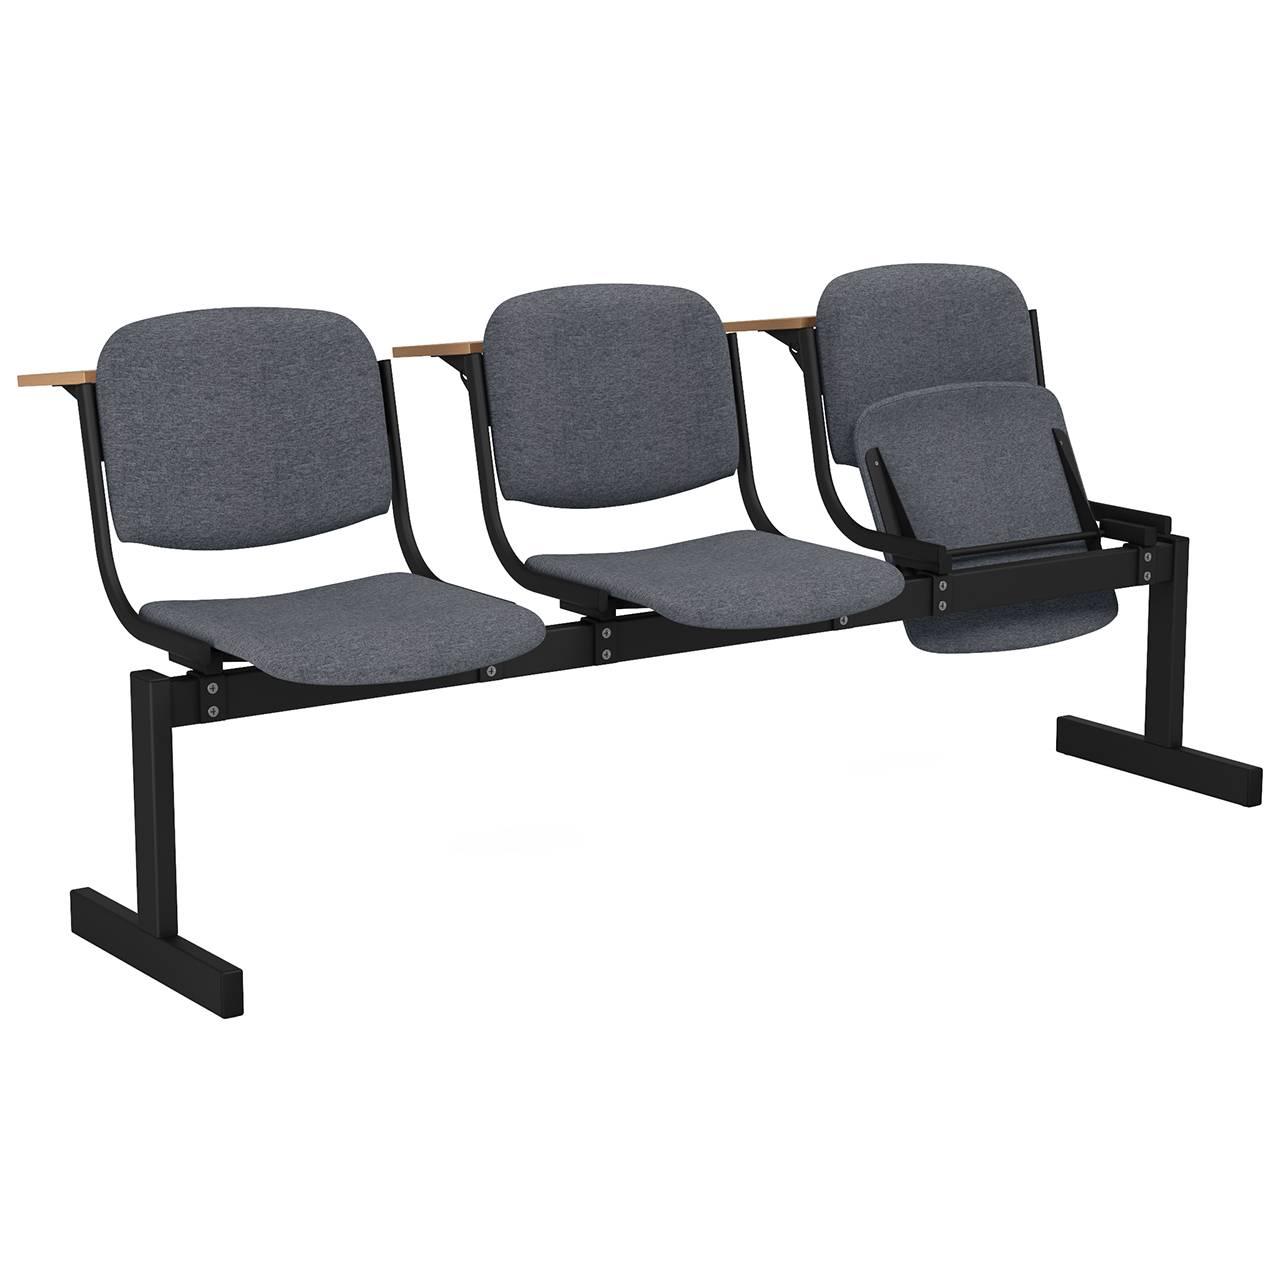 3-местный, откидывающиеся сиденья, мягкий, лекционный черный серый Офисная ткань